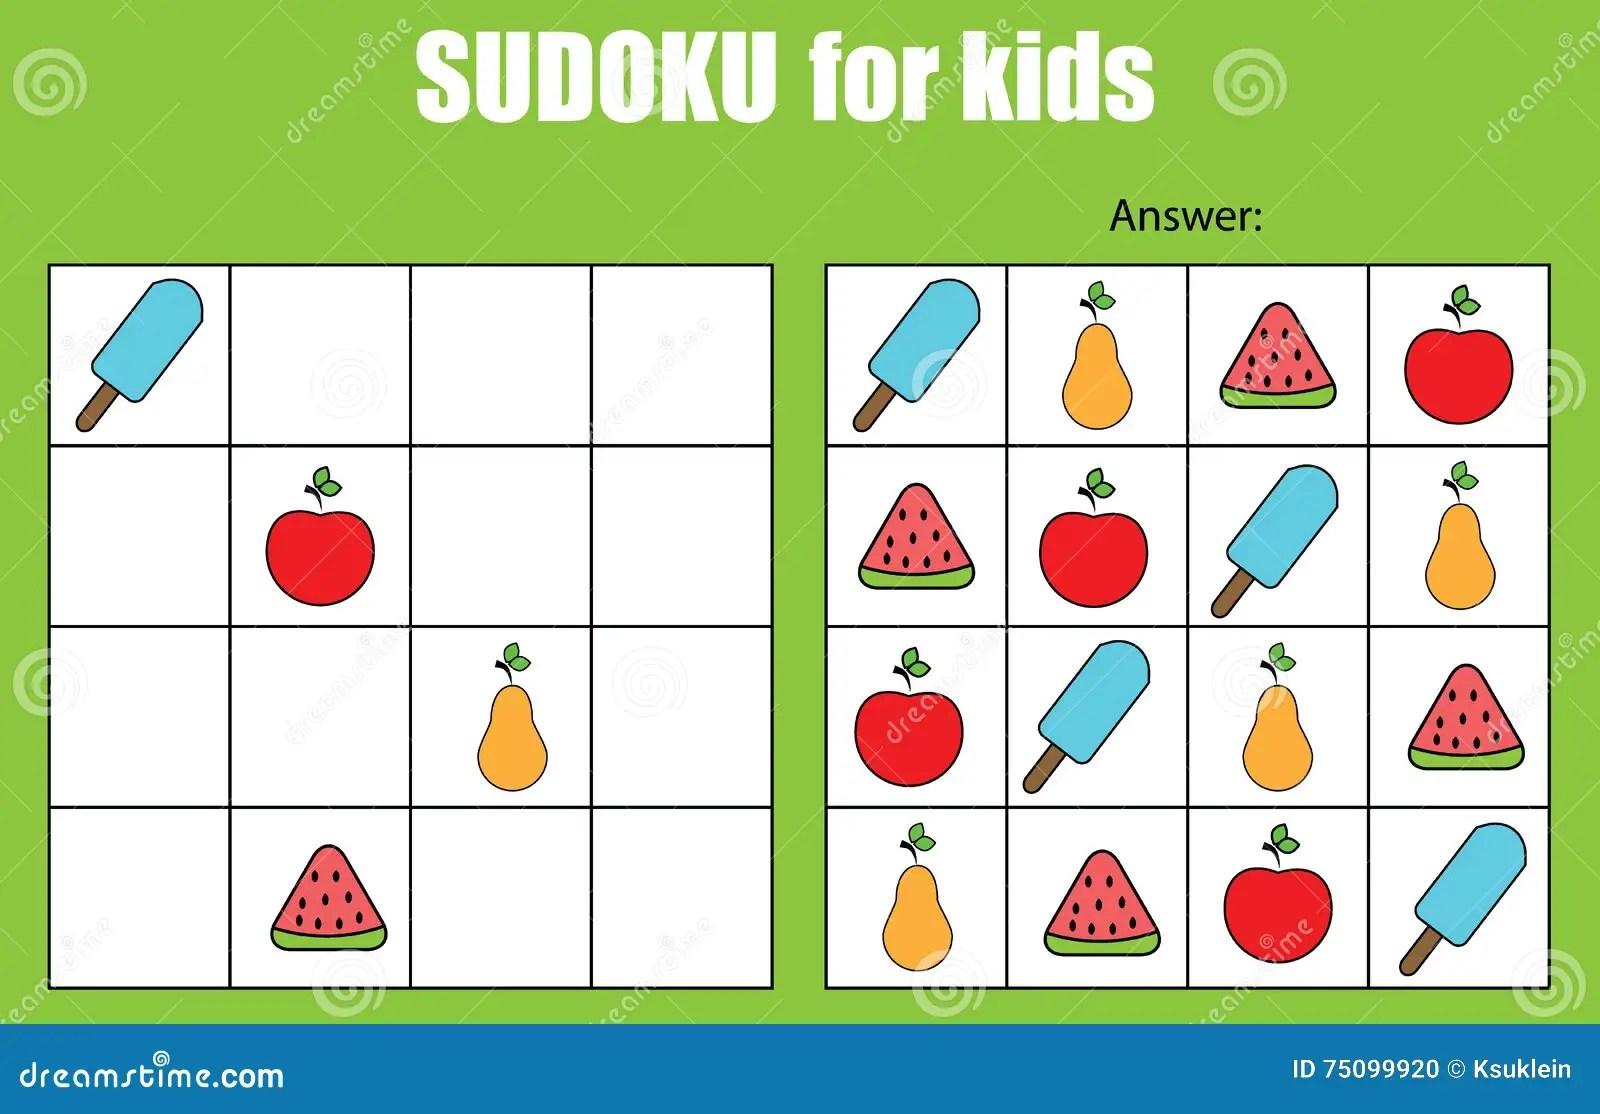 Sudoku Game For Children Kids Activity Sheet Stock Vector